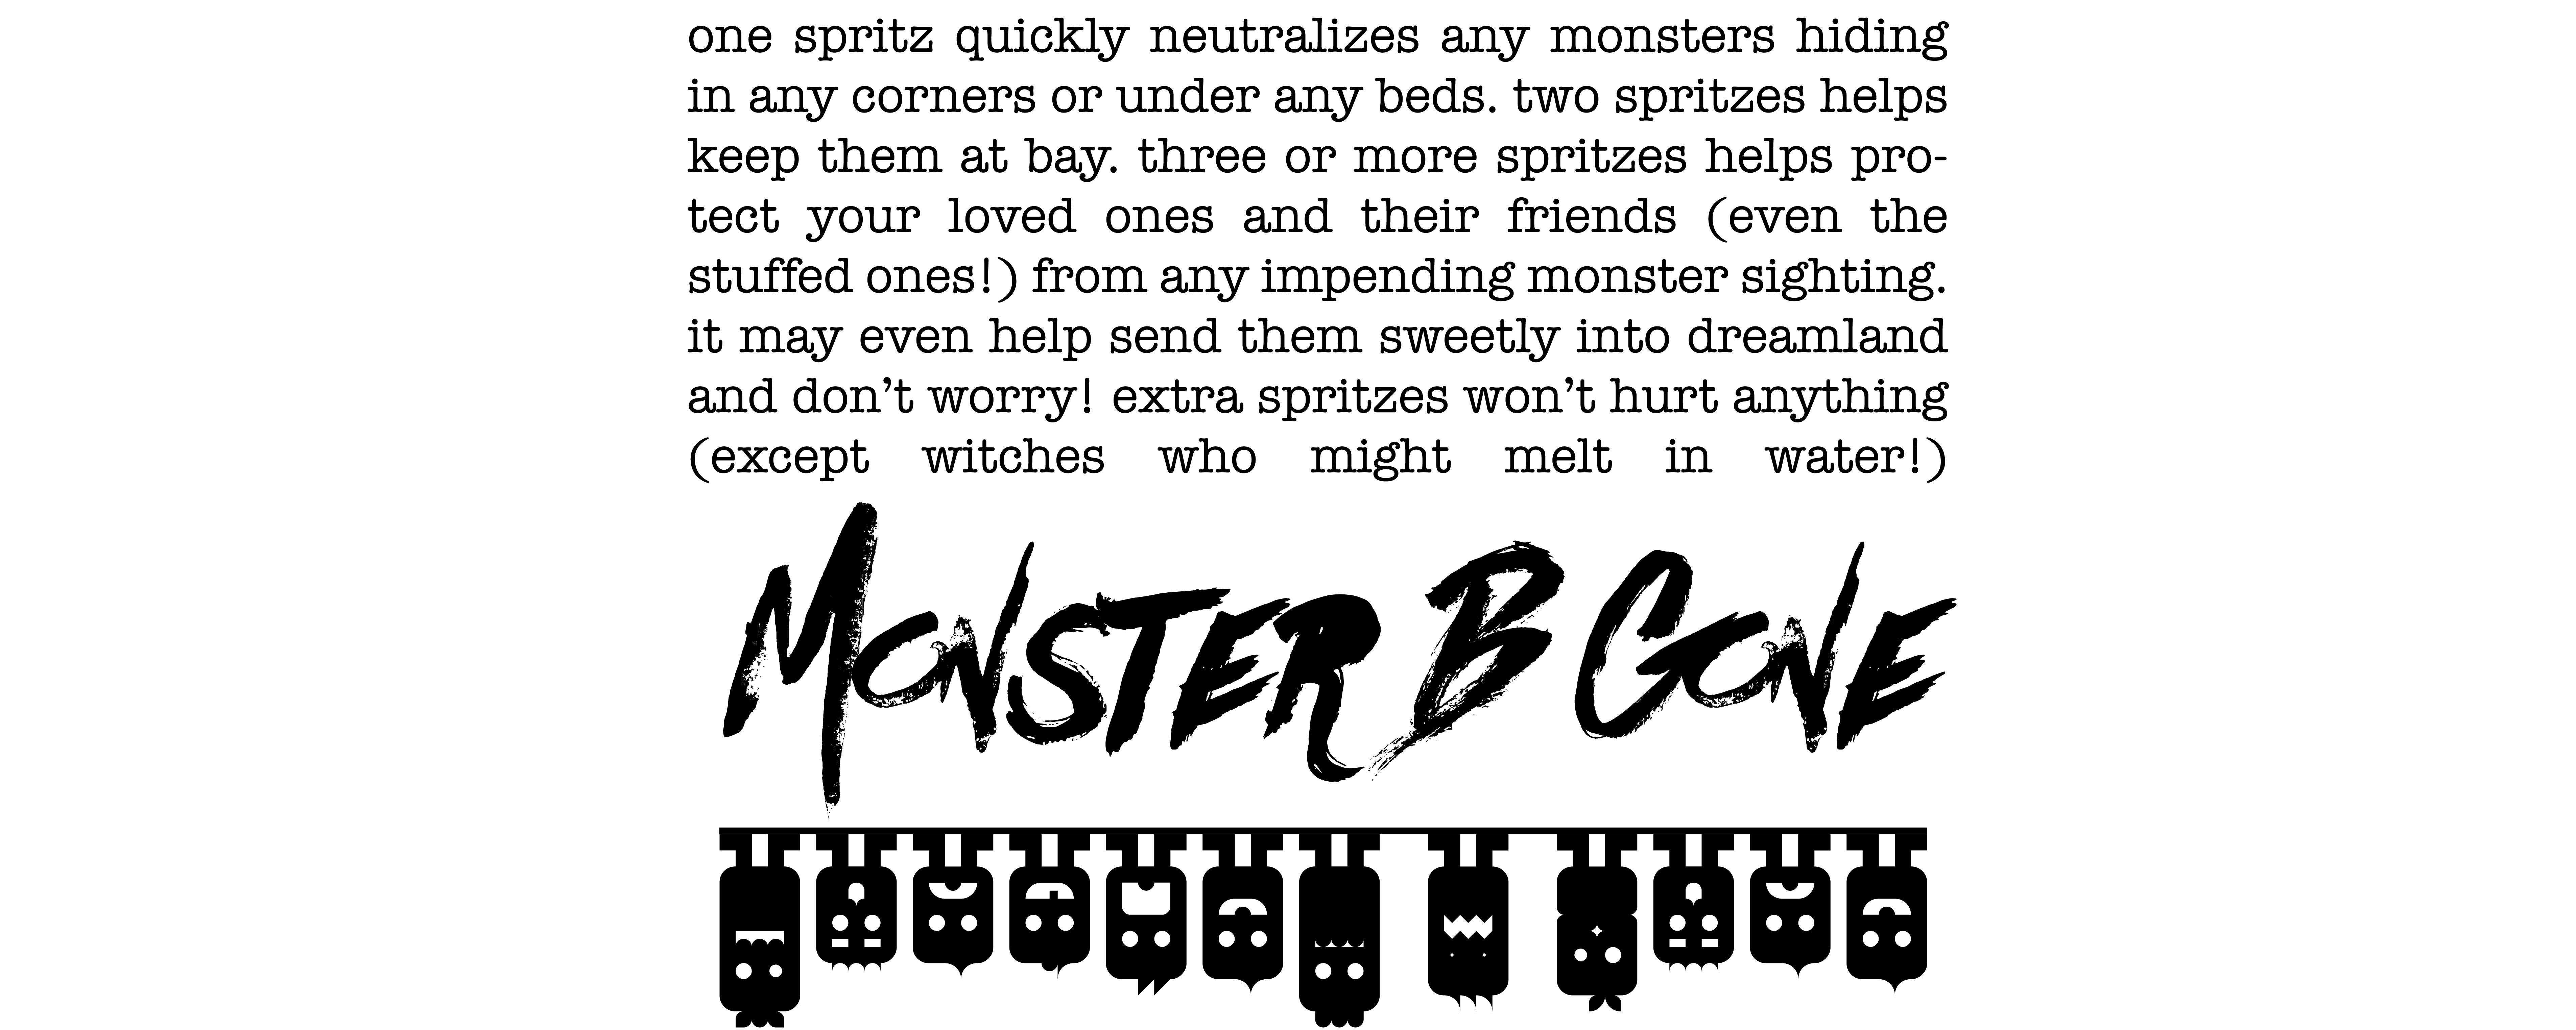 monsterbgone